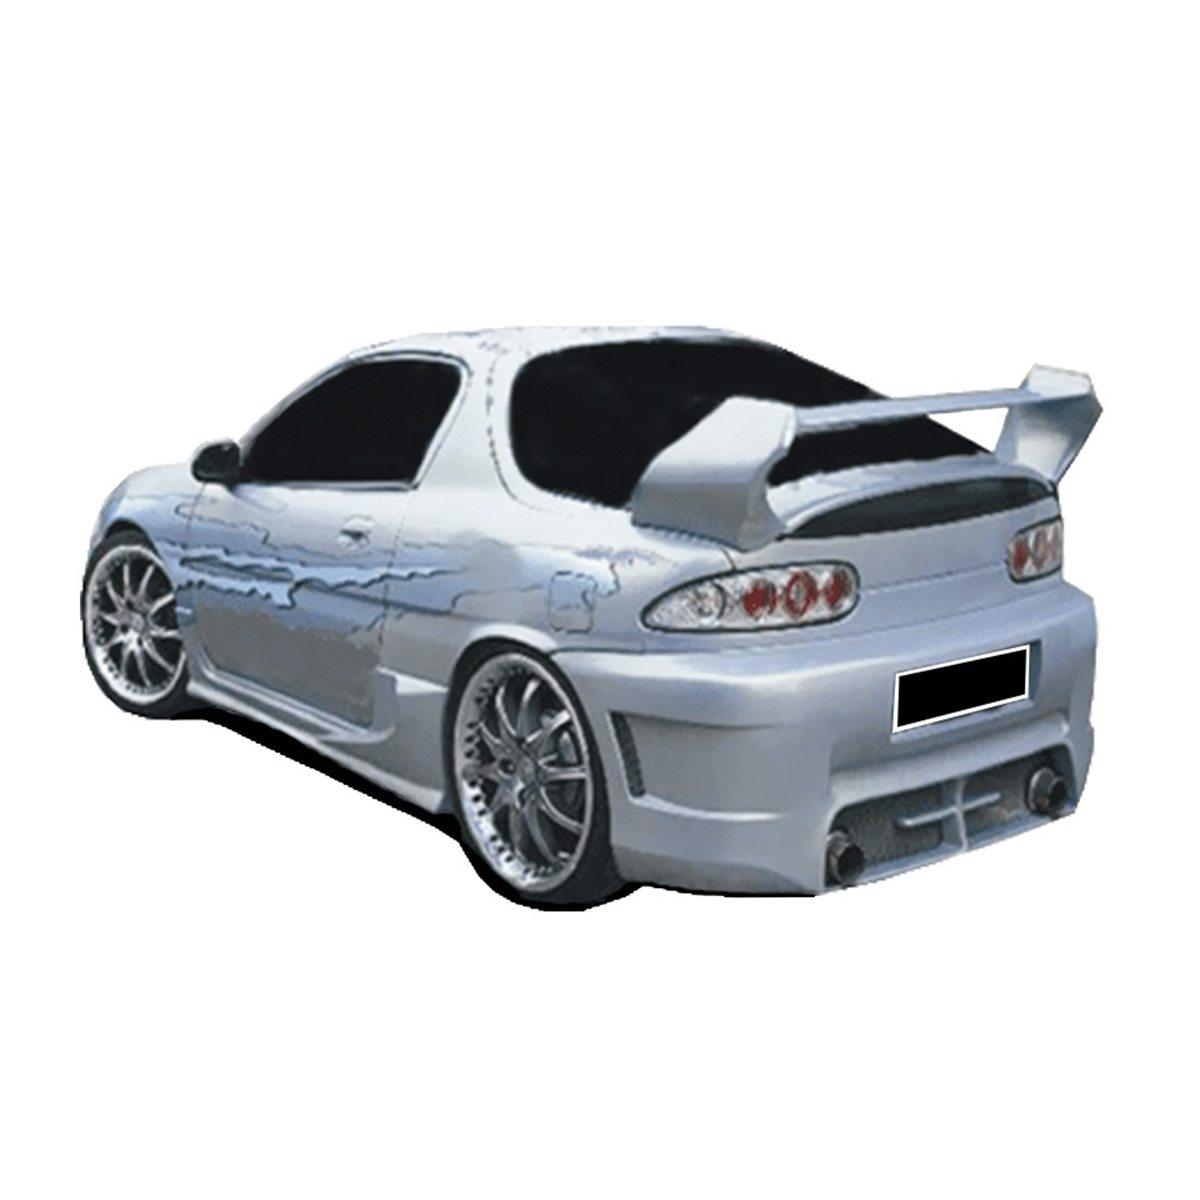 Mazda-MX3-Tras-PCN050